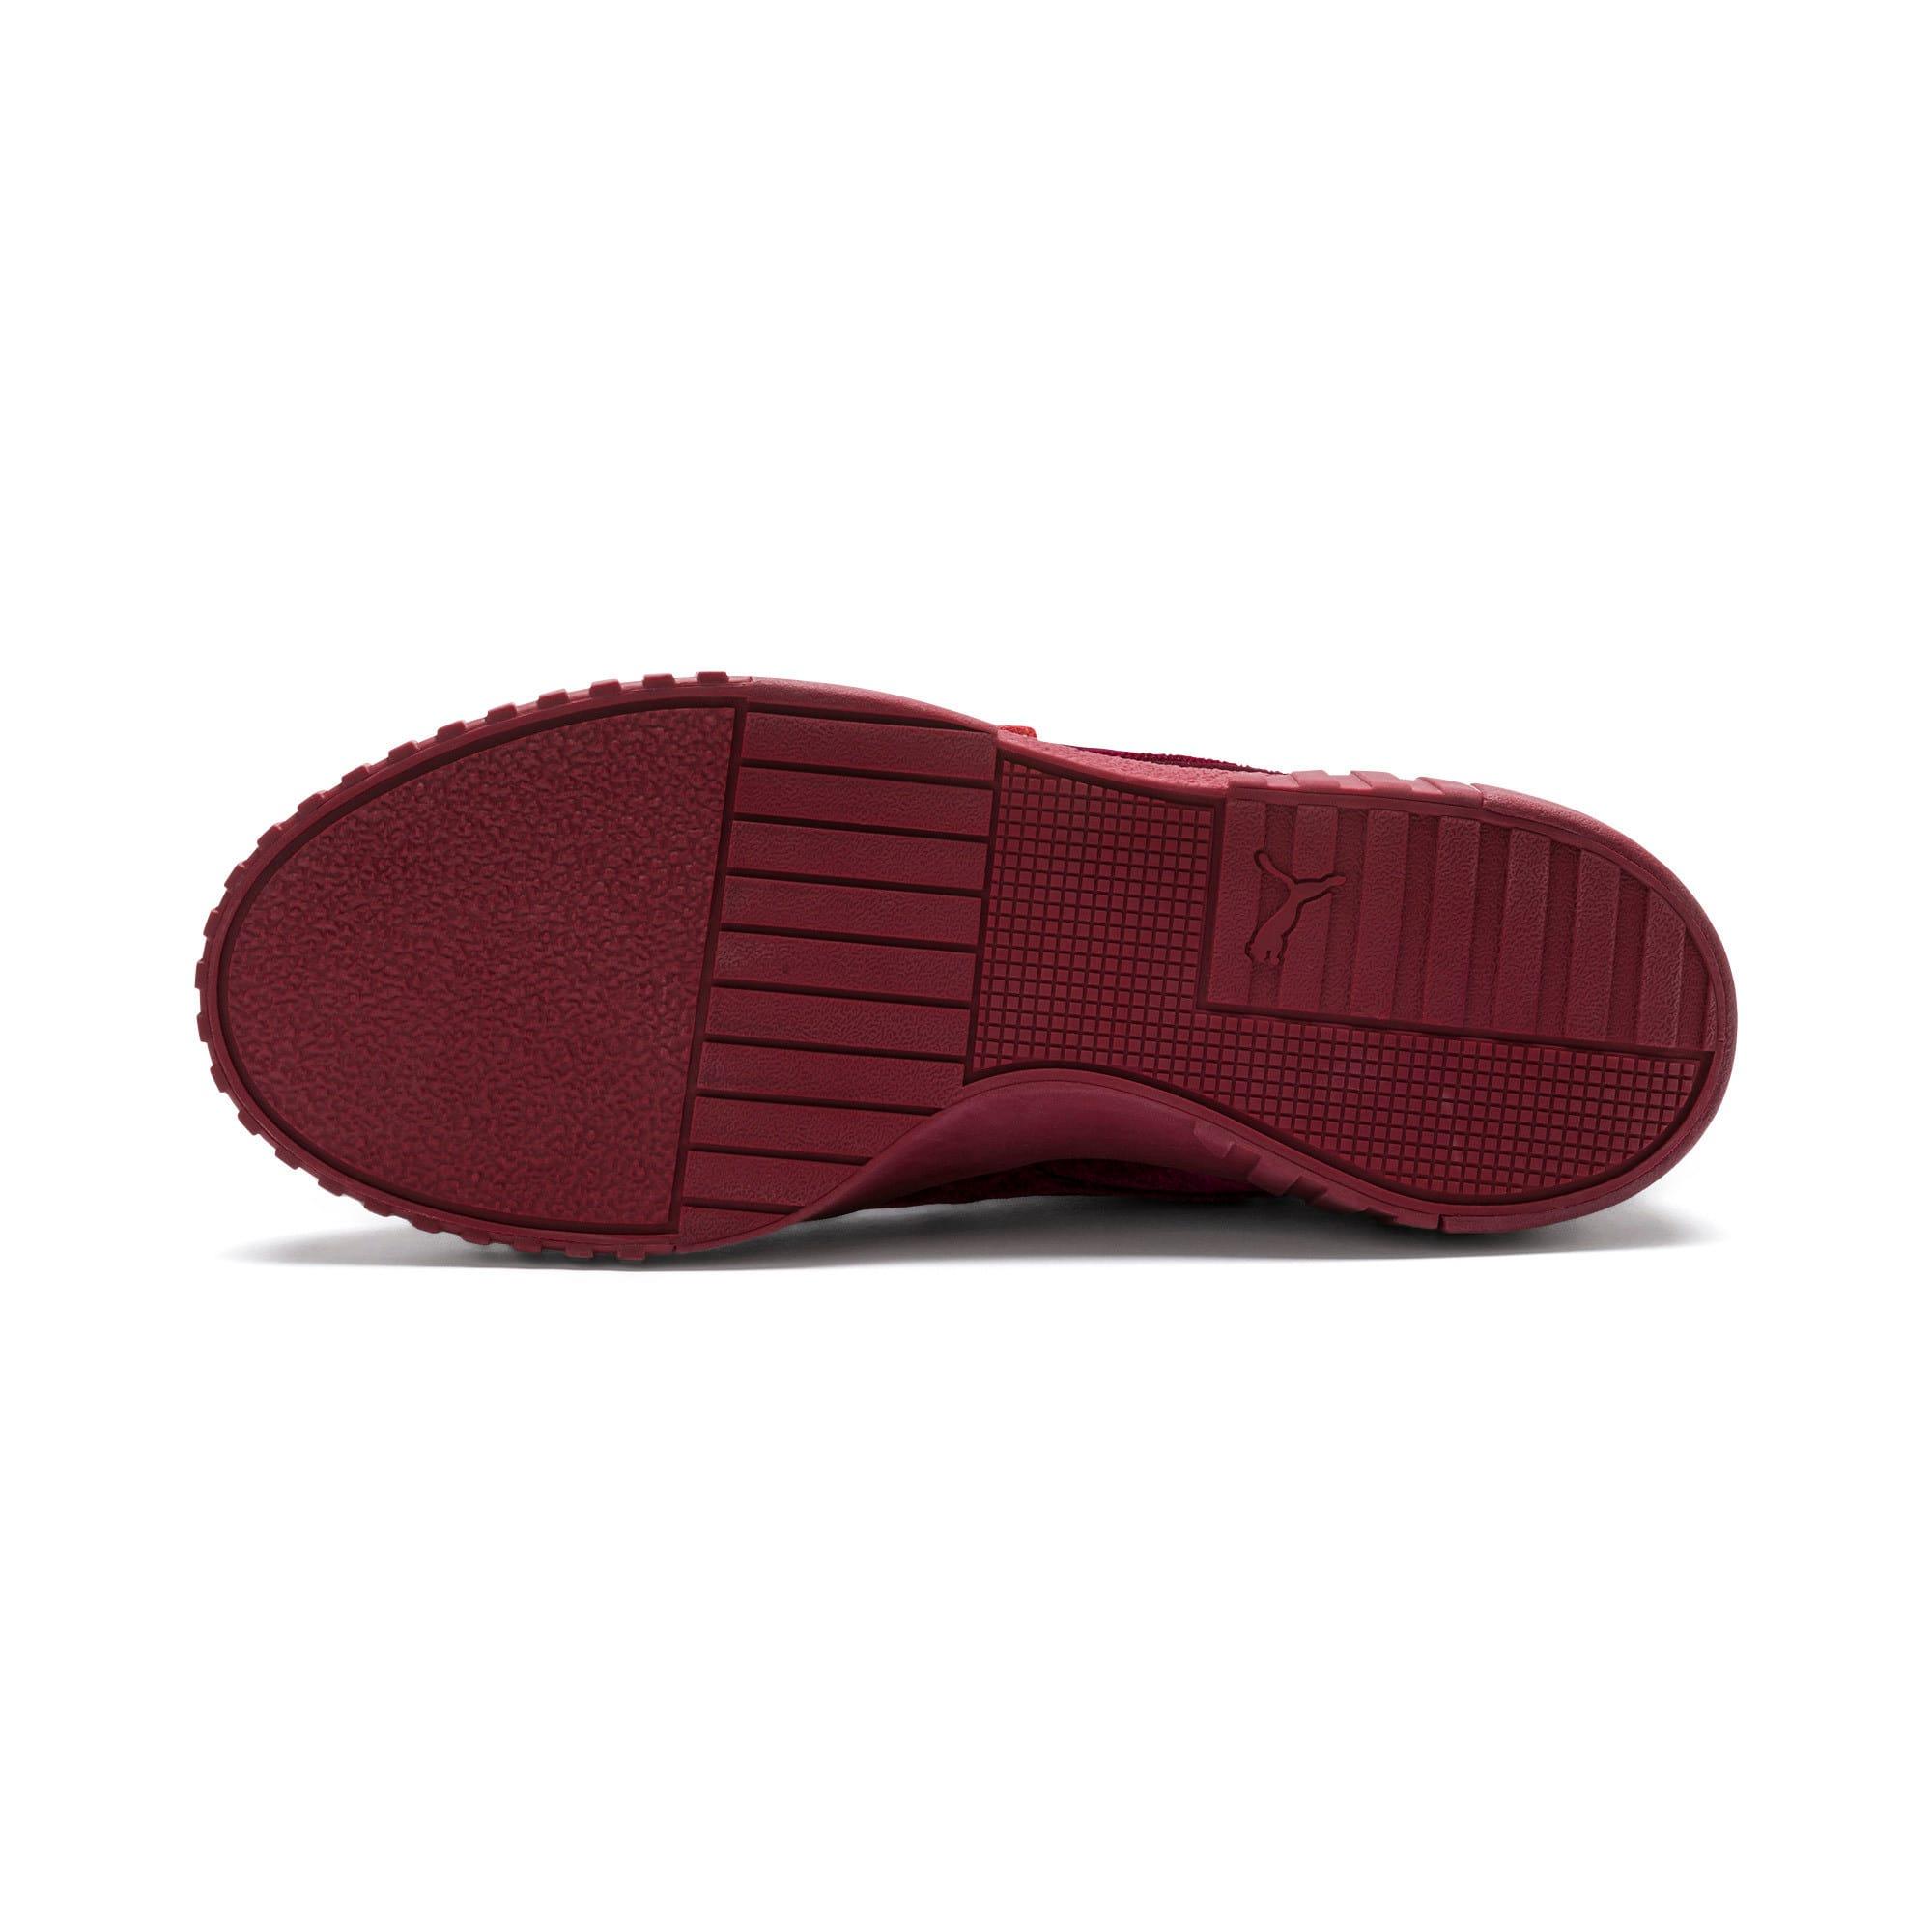 Thumbnail 3 of Cali Velvet Women's Sneakers, Tibetan Red-Tibetan Red, medium